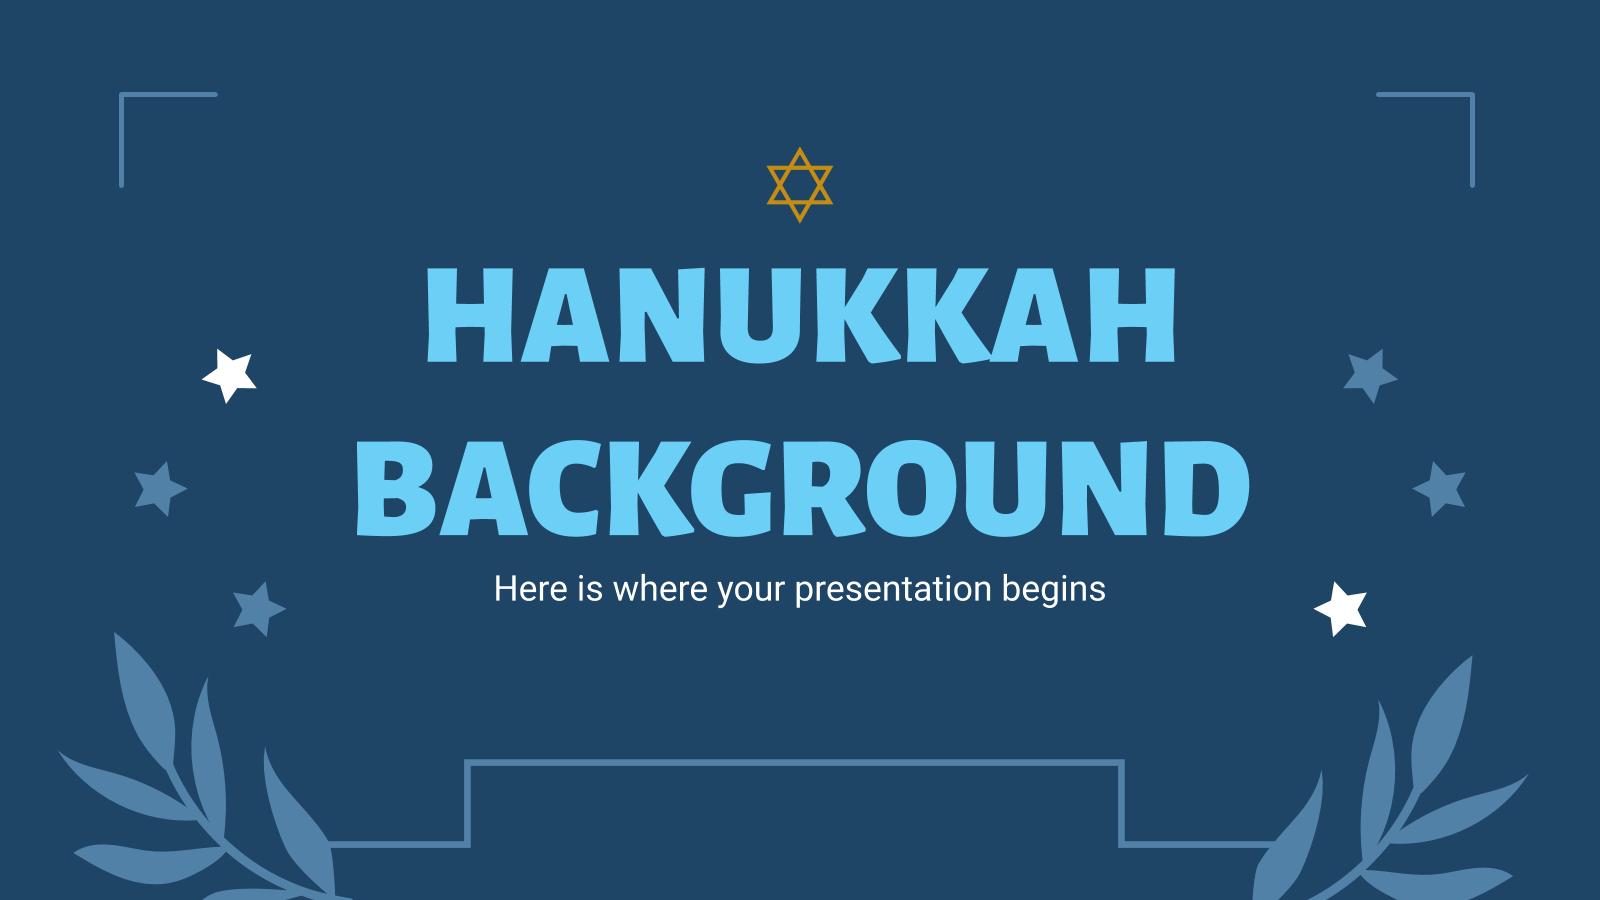 Modelo de apresentação Hannukah